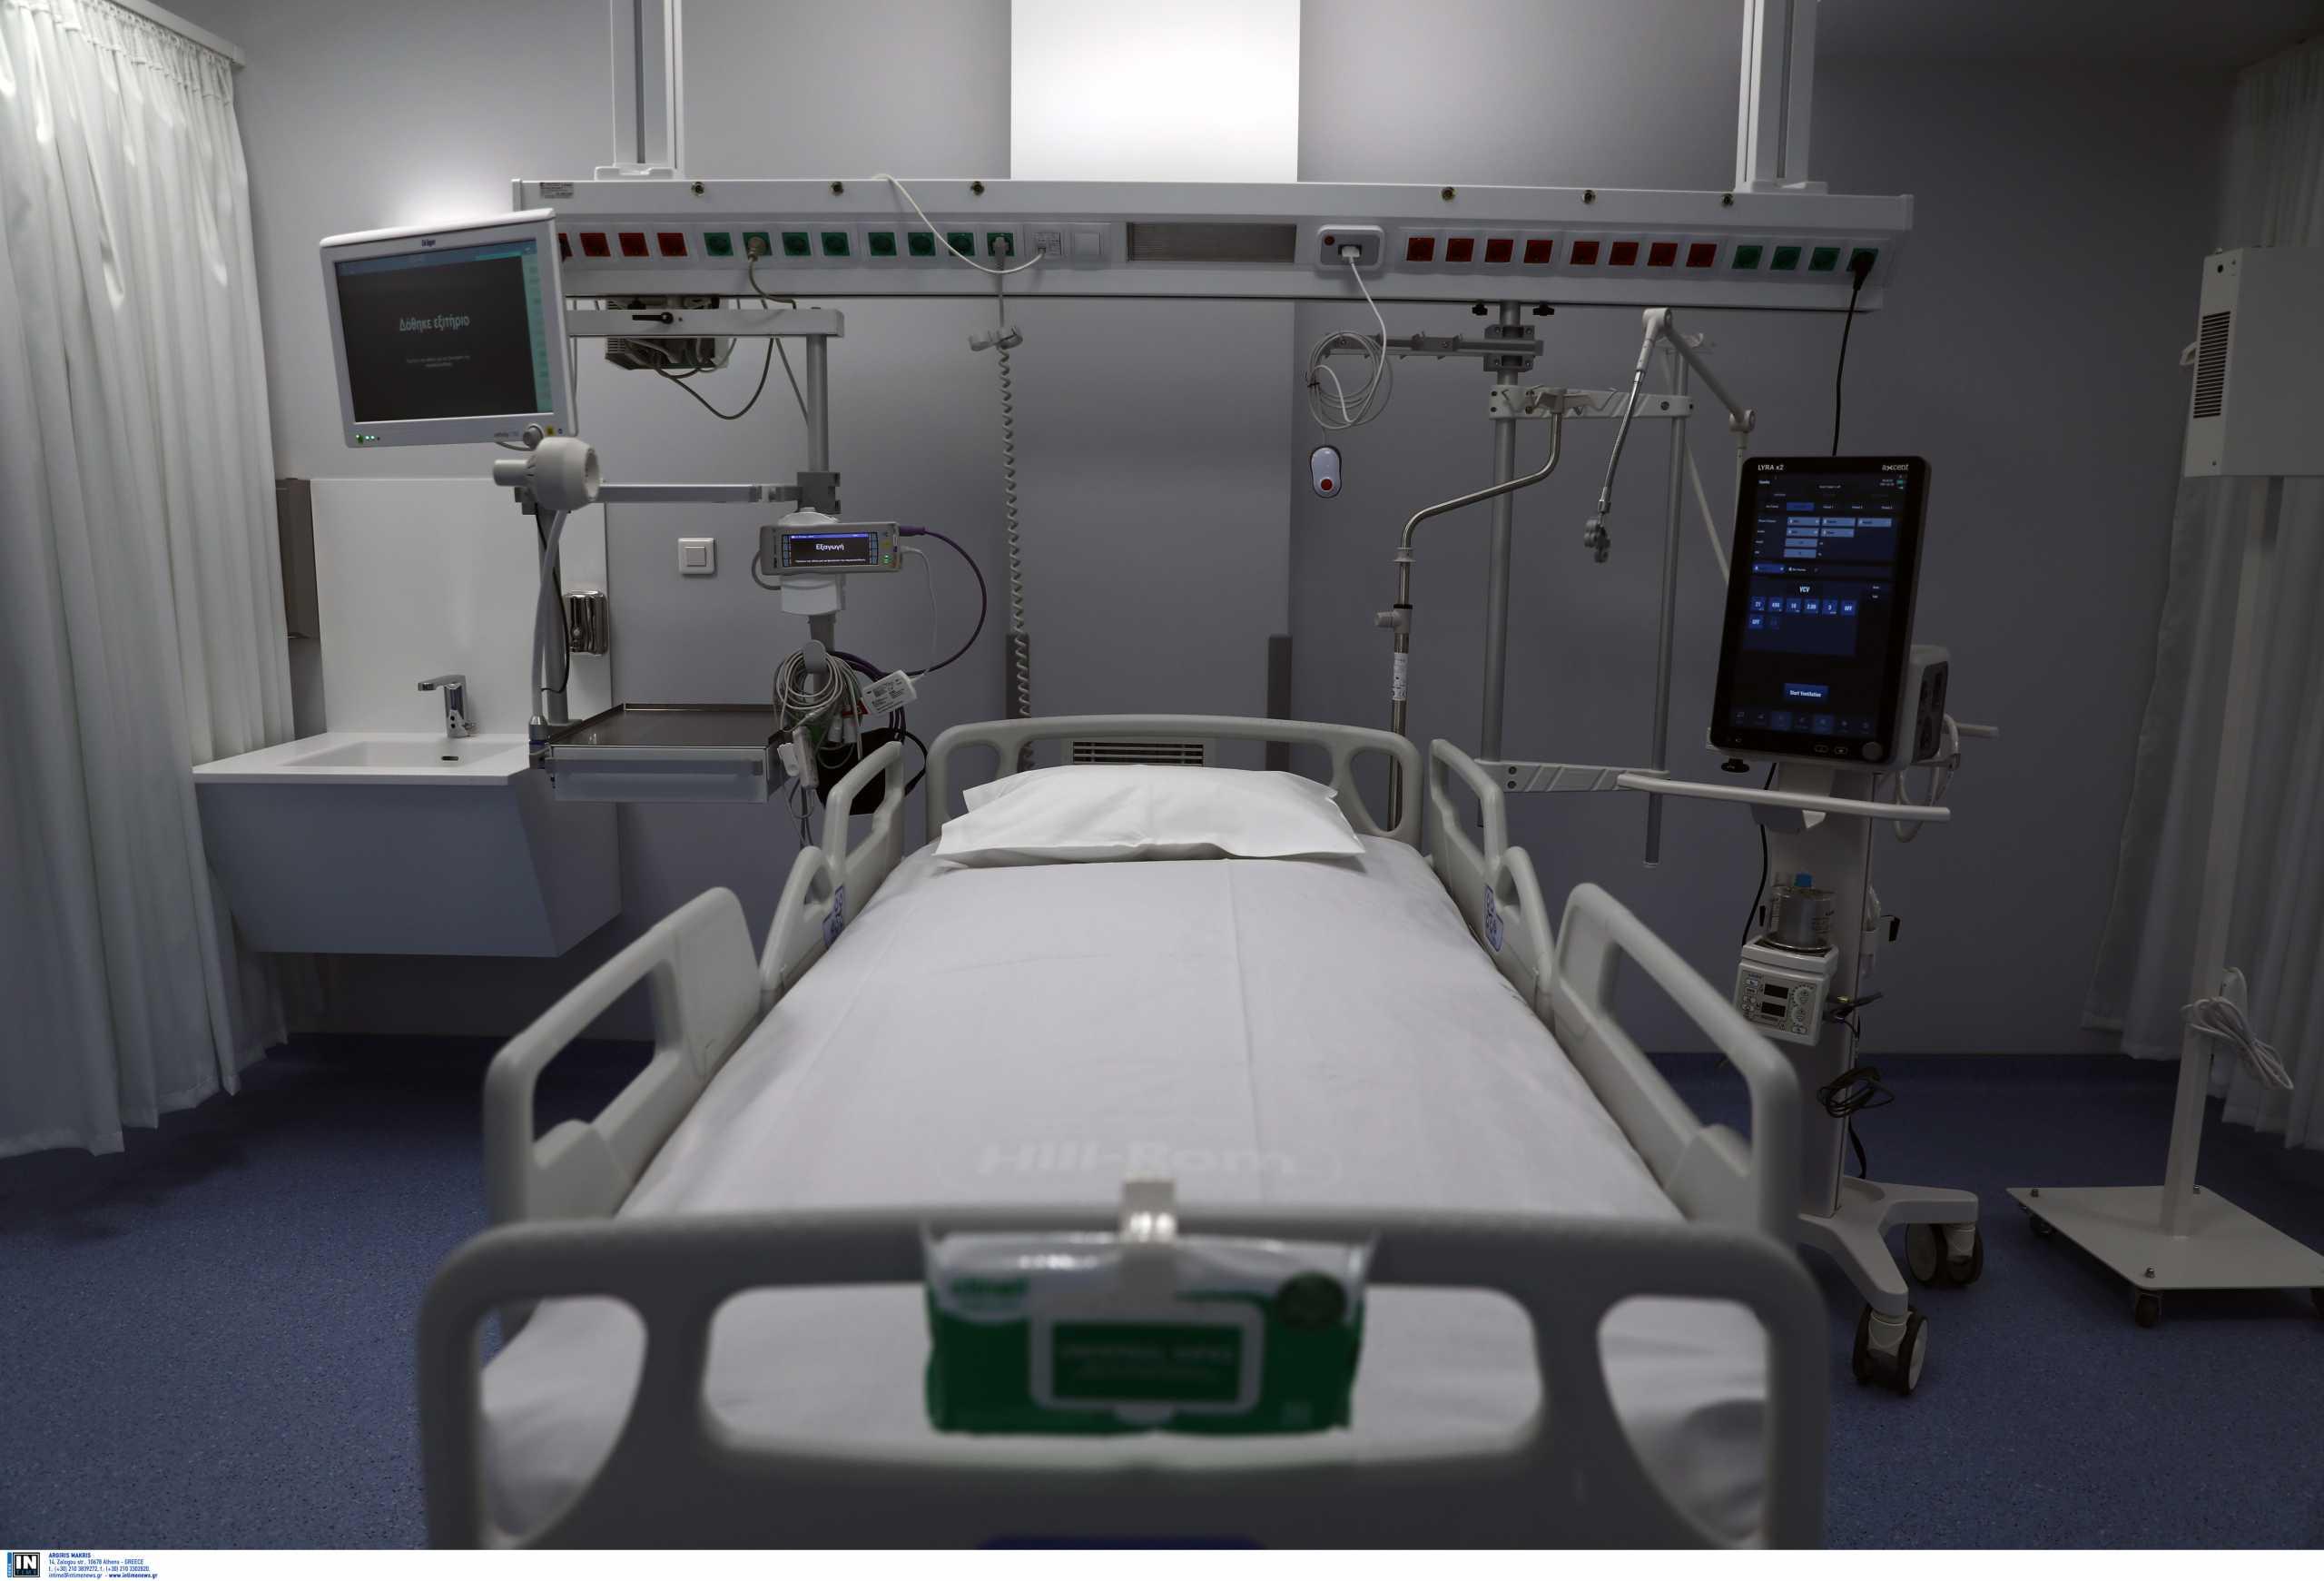 «Στενάζουν» τα νοσοκομεία - 346 νέες εισαγωγές σήμερα - 1.630 νέα κρούσματα, 29 νεκροί και 379 διασωληνωμένοι